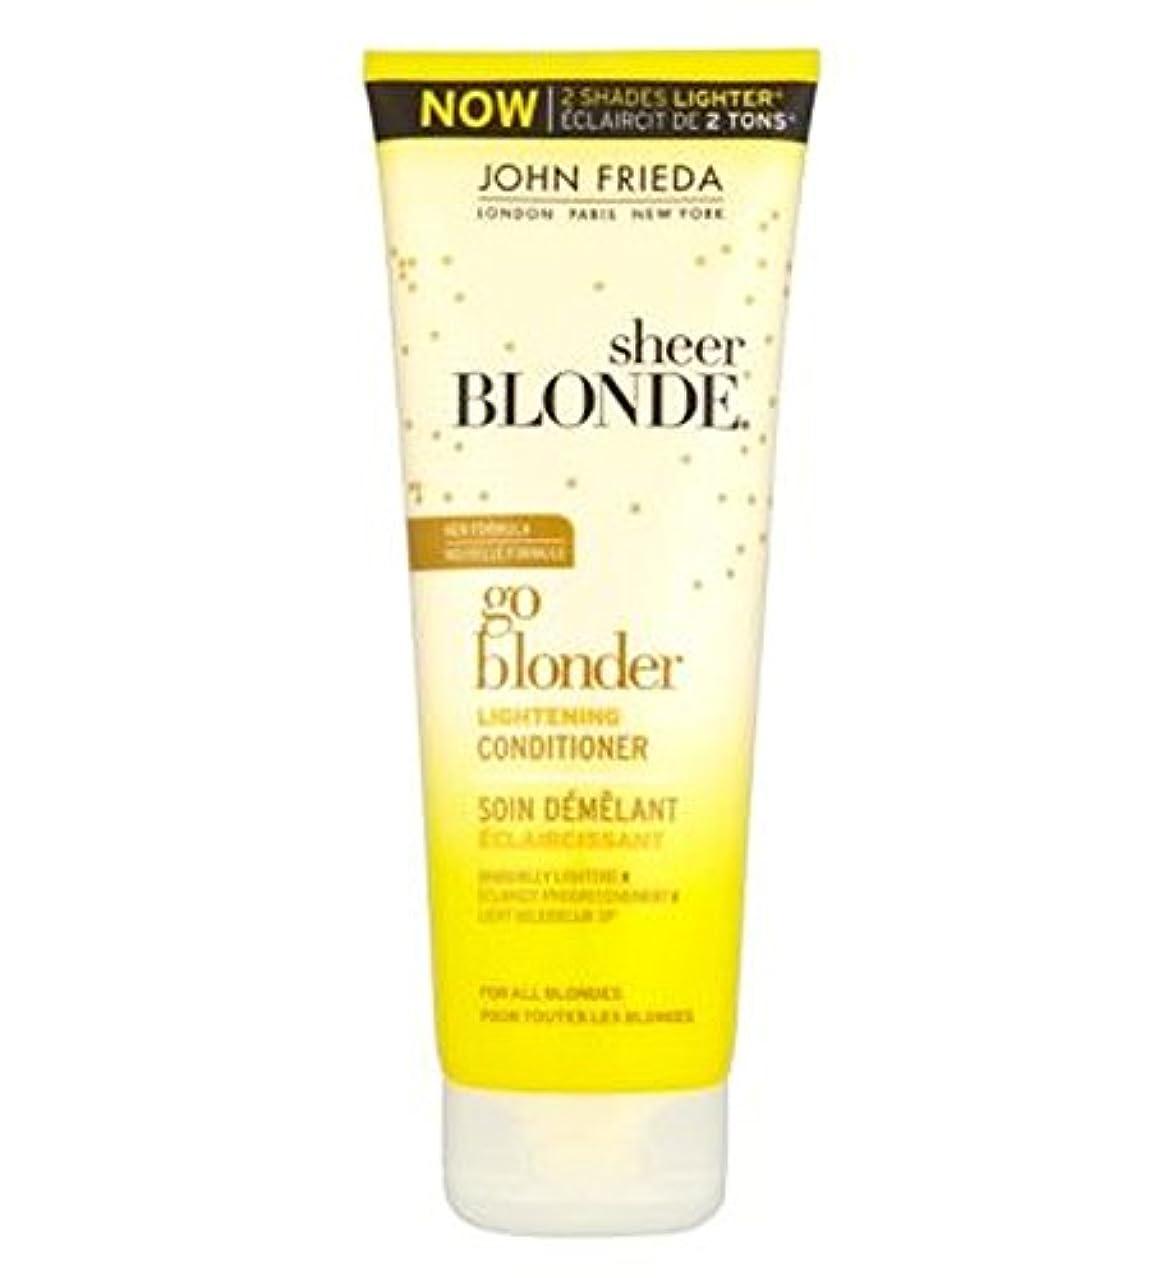 ピービッシュ細心の鋭くジョン?フリーダ薄手ブロンド行くBlonder美白コンディショナー250Ml (John Frieda) (x2) - John Frieda Sheer Blonde Go Blonder Lightening Conditioner...